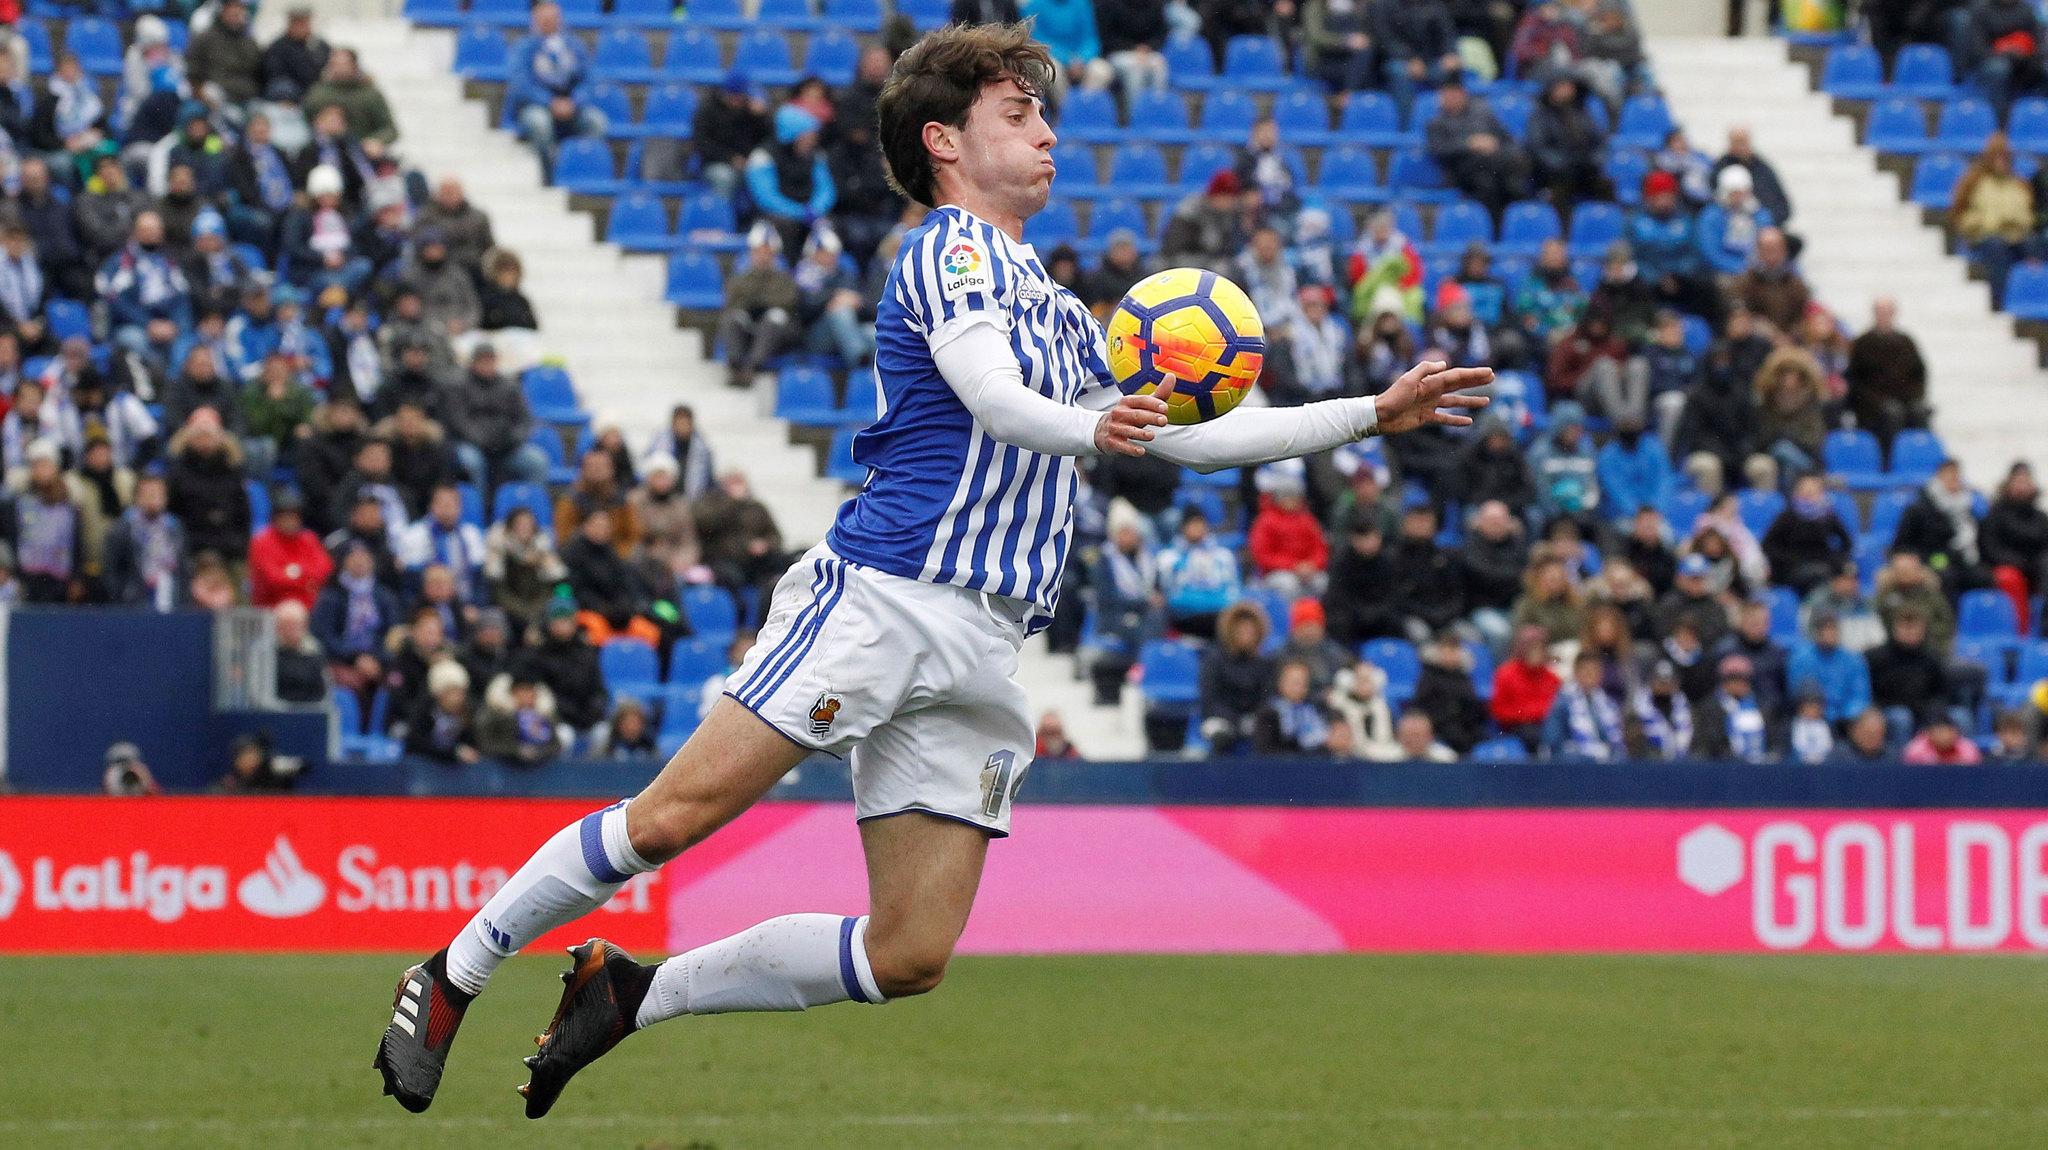 El defensa de la Real Sociedad, Álvaro Odriozola, controla el balón...